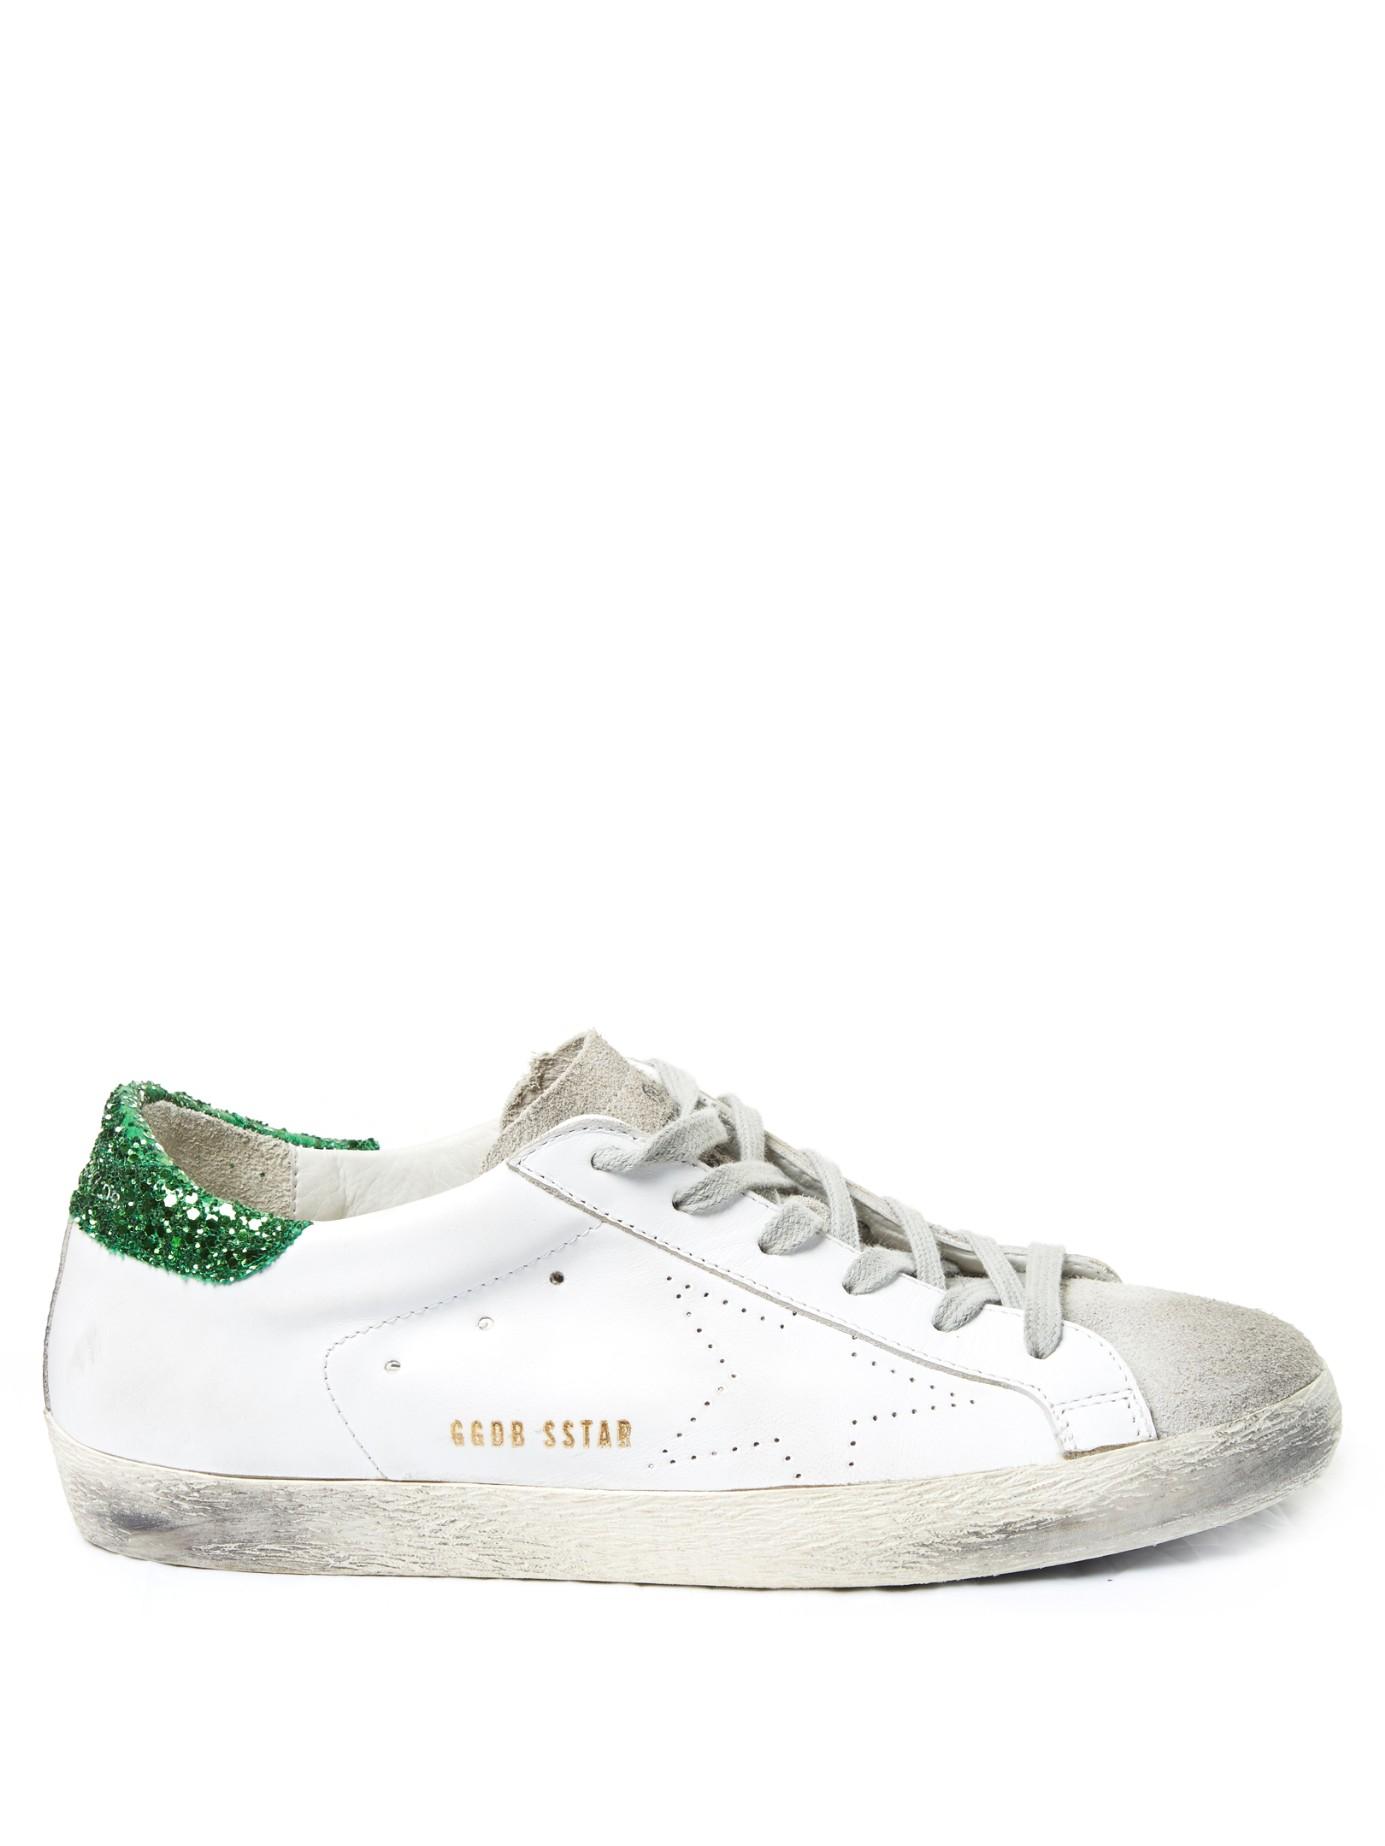 68c35d2d8eba Lyst - Golden Goose Deluxe Brand Superstar Glitter Low-Top Sneakers ...